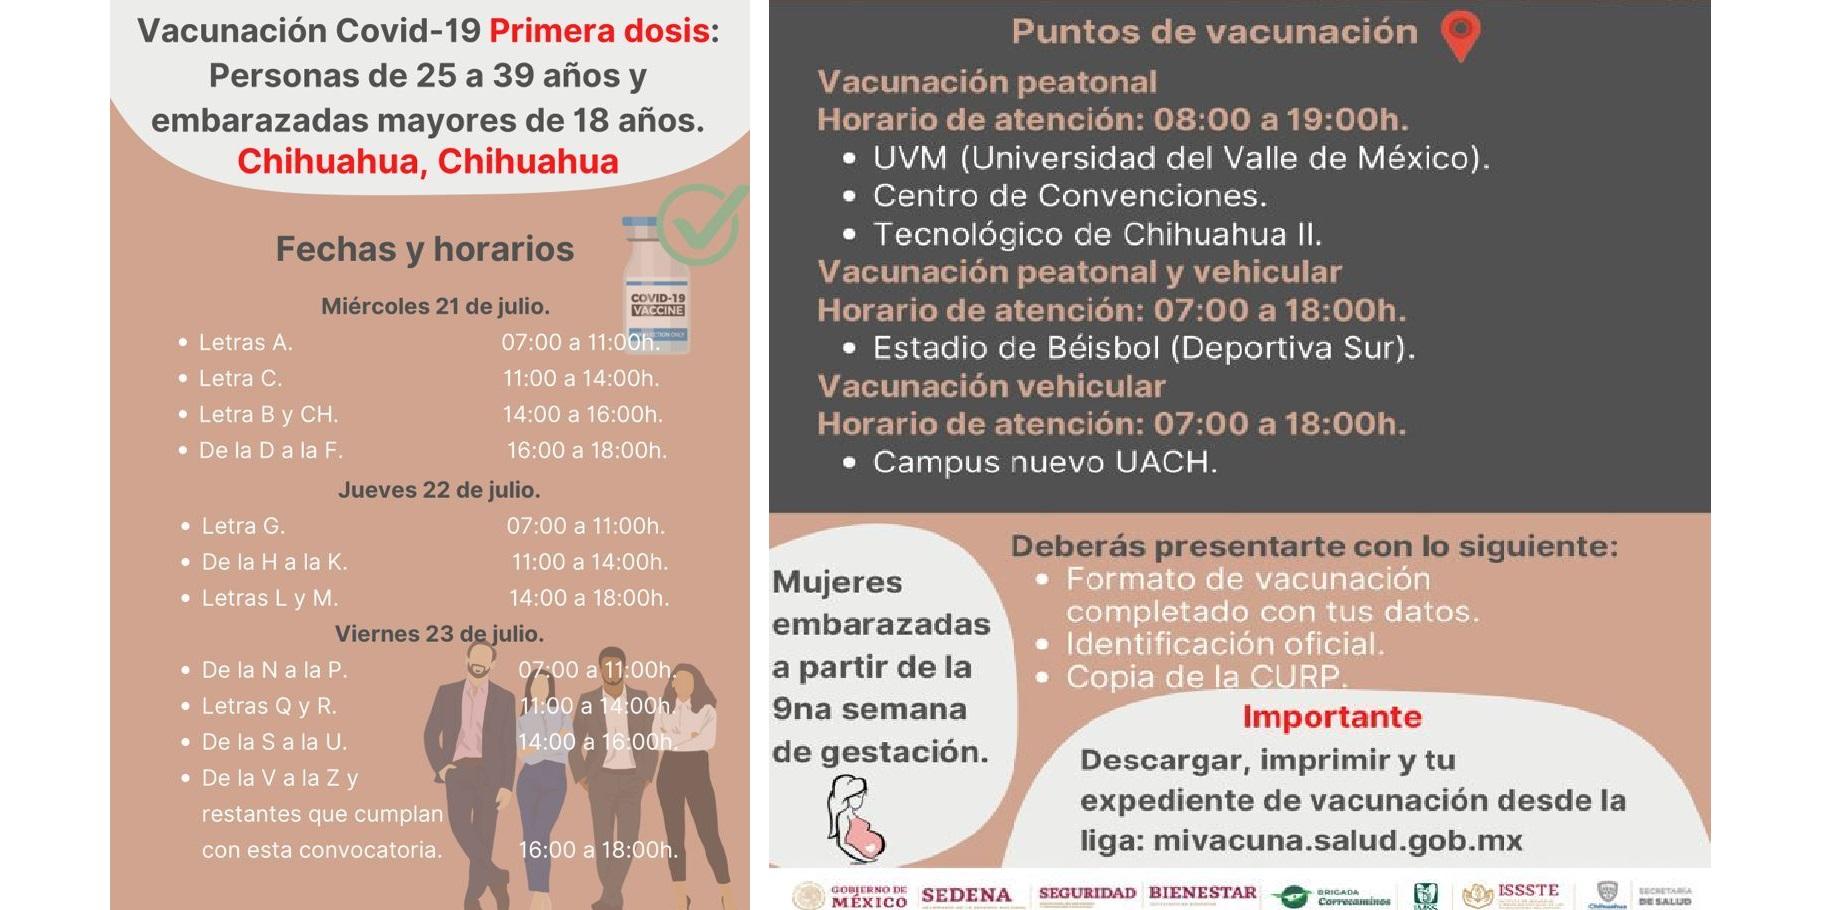 Inicia vacunación este miércoles 21 de julio contra covid-19 en sus primeras dosis para personas de 25 a 39 años y mujeres embarazadas en Chihuahua: Bienestar